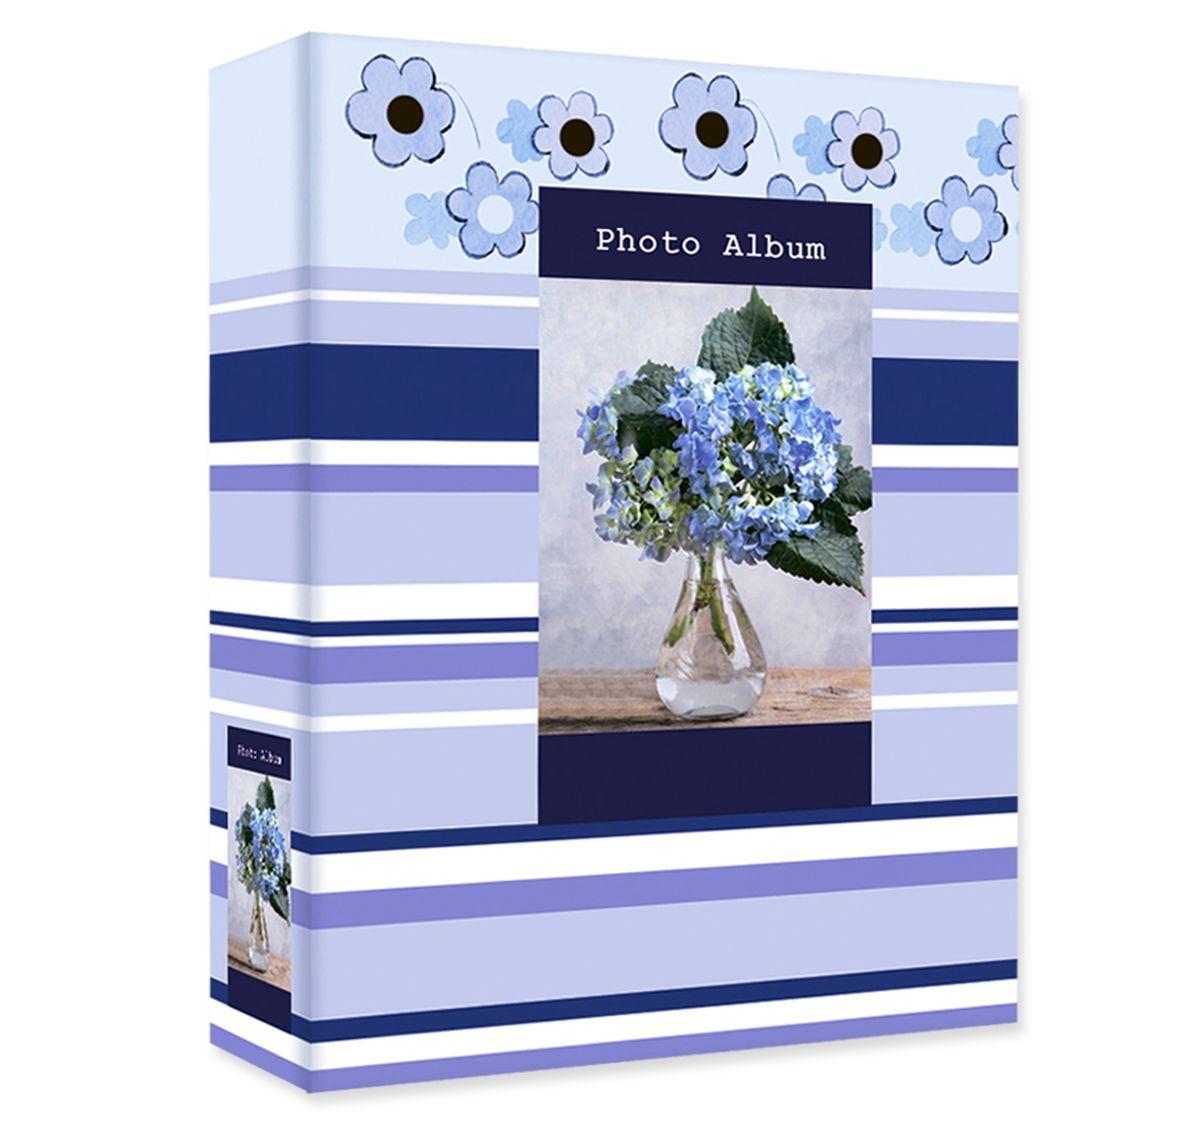 Фотоальбом Pioneer Early Spring, 100 фотографий, цвет: голубой, 10 х 15 см46259 PP-46100Альбом для фотографий формата 10х15 см. Тип обложки: ламинированный картон. Тип листов: полипропиленовые. Тип переплета: высокочастотная сварка. Кол-во фотографий: 100. Материалы, использованные в изготовлении альбома, обеспечивают высокое качество хранения Ваших фотографий, поэтому фотографии не желтеют со временем.